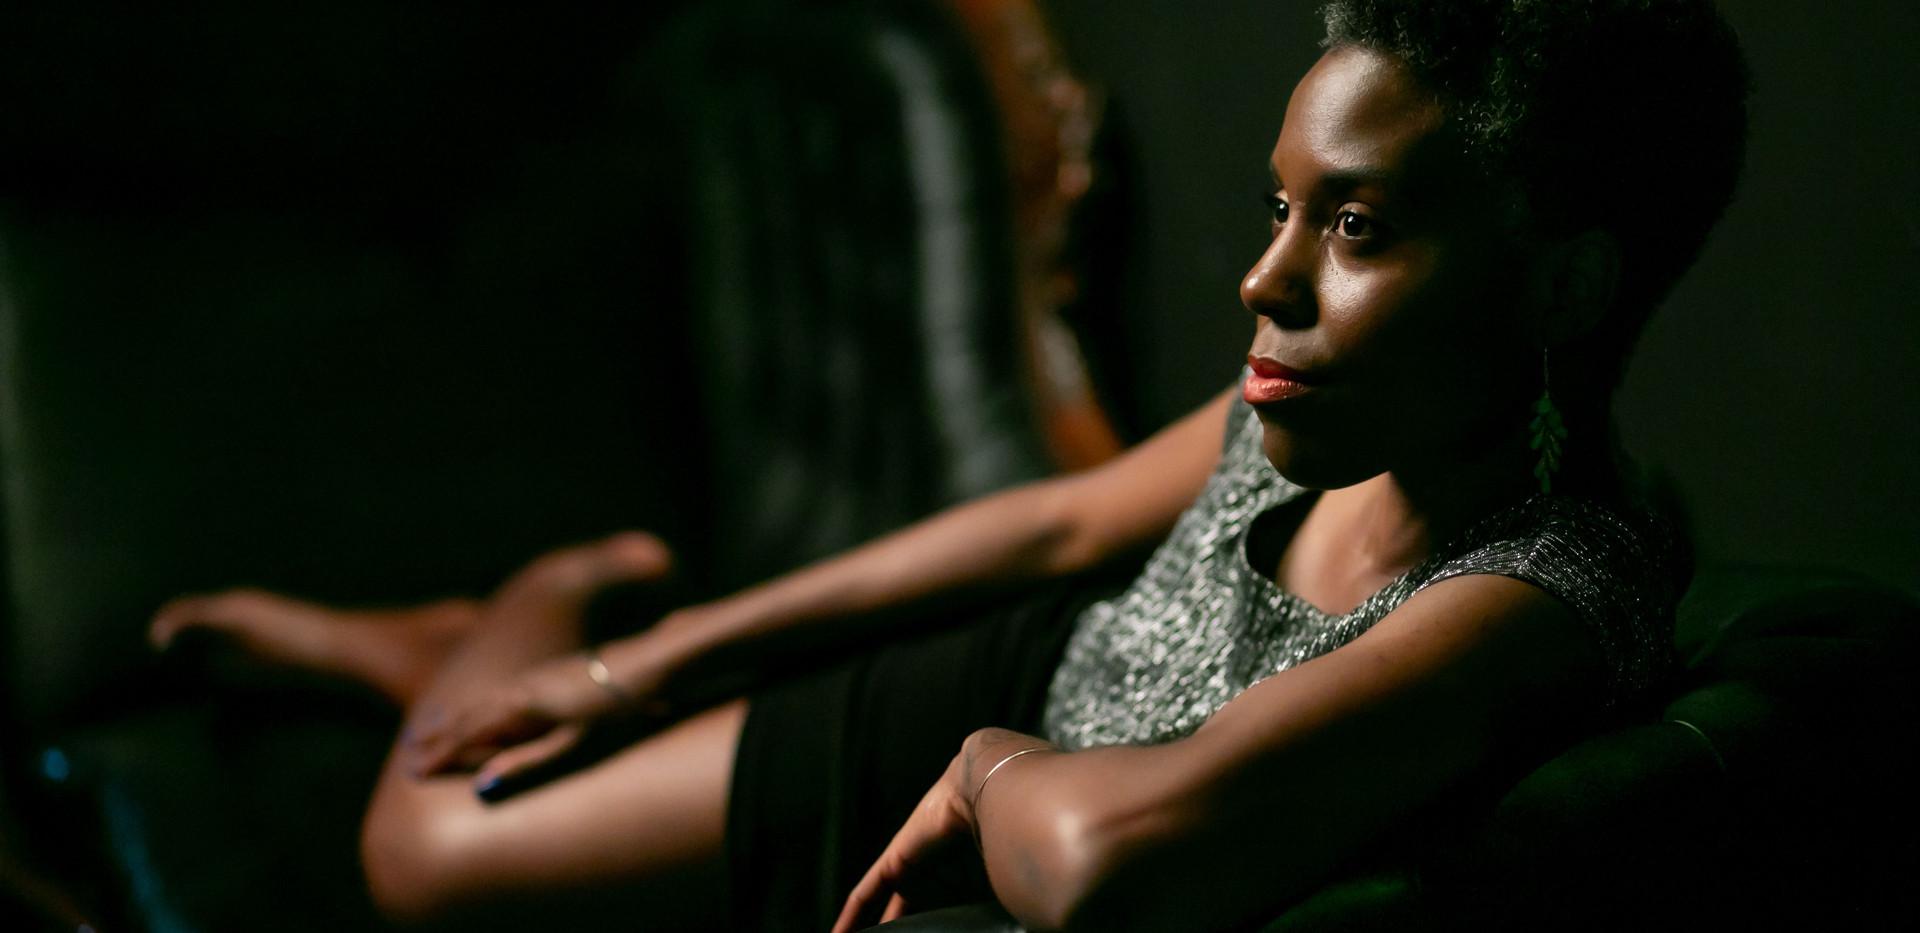 Genesis Jones, photographed by Erika Schultz.